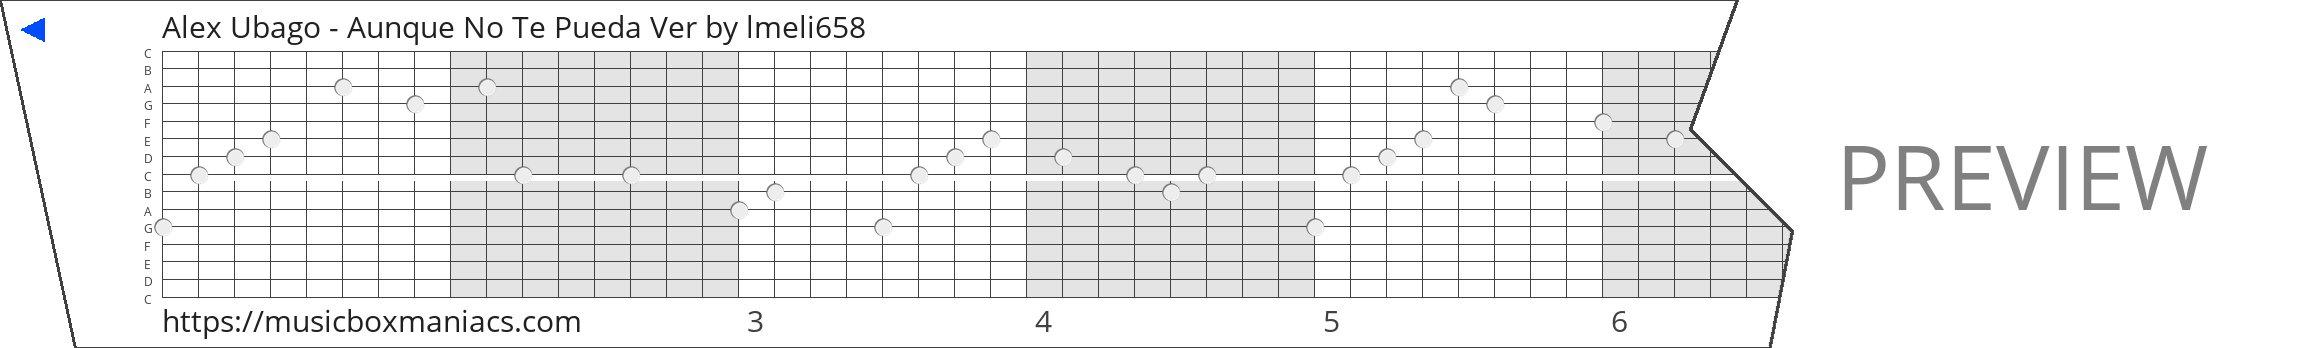 Alex Ubago - Aunque No Te Pueda Ver 15 note music box paper strip